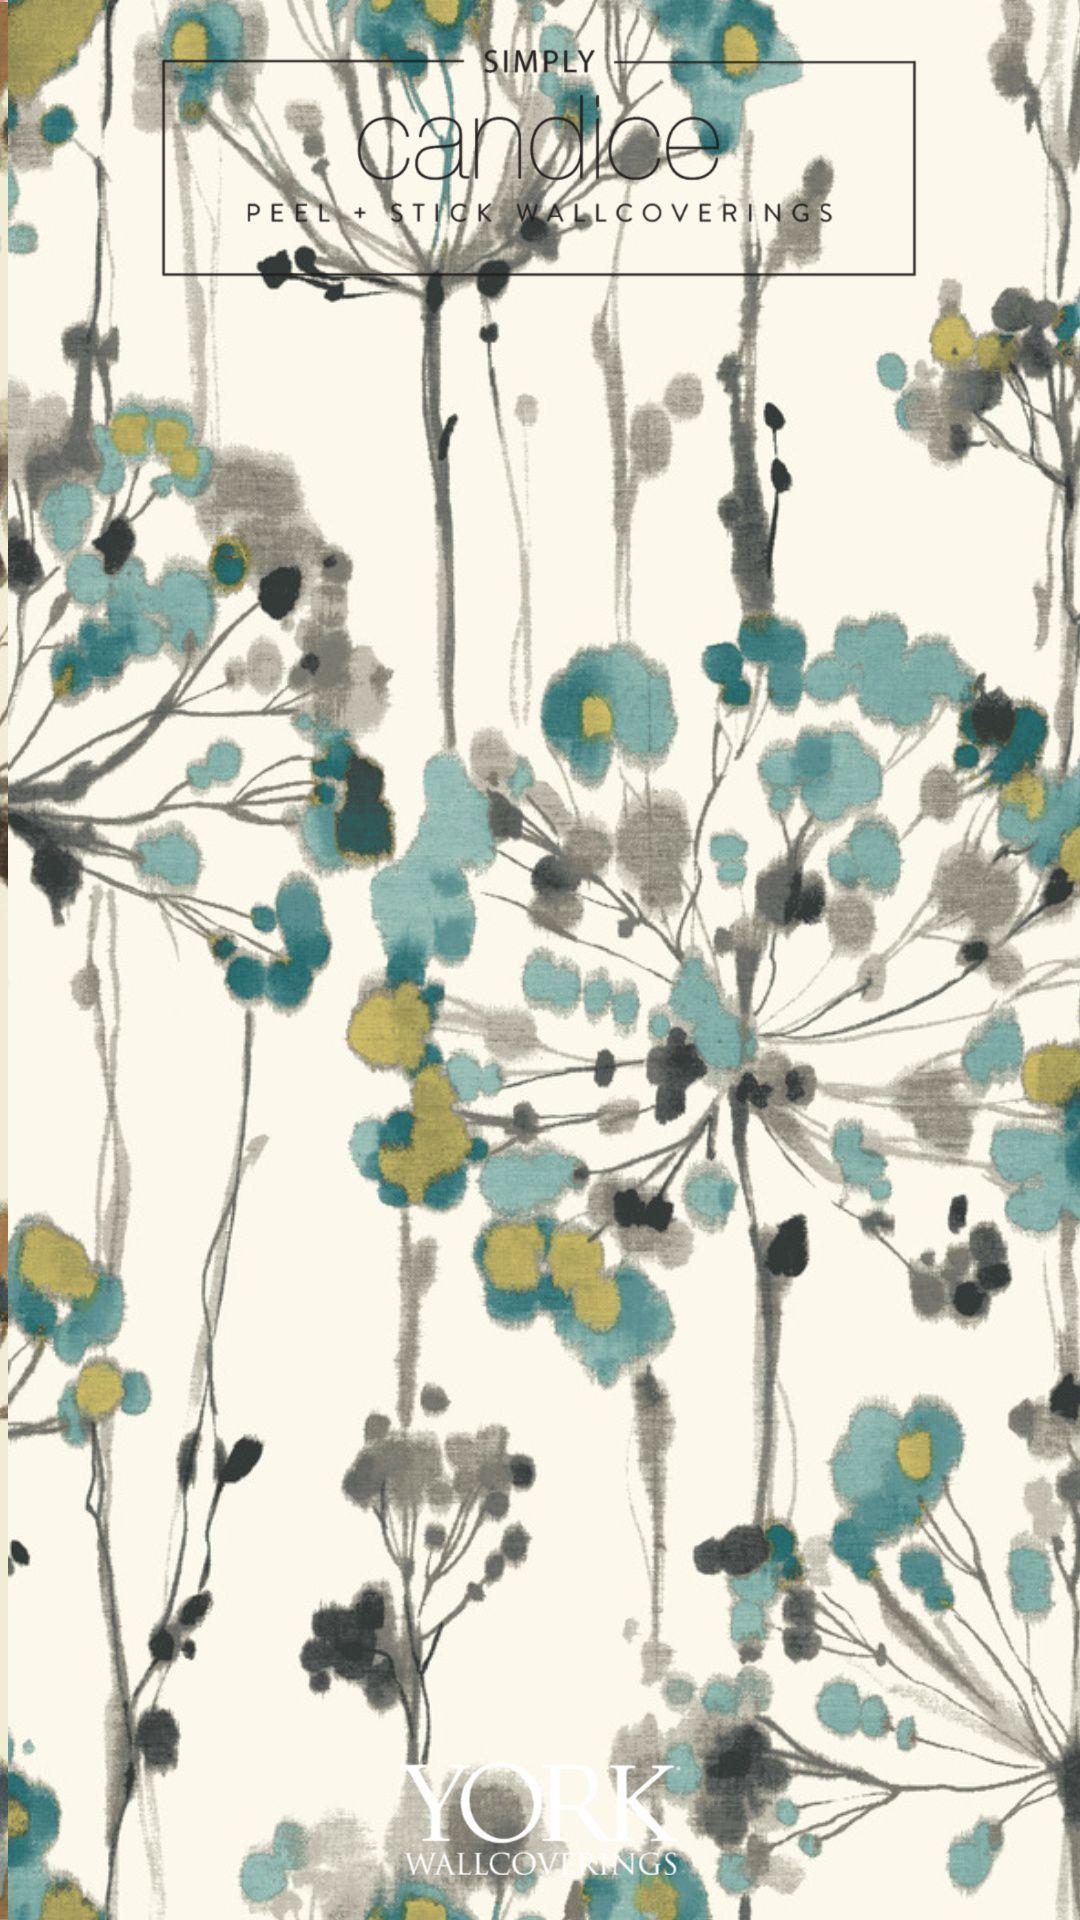 Flourish Premium Peel And Stick Wallpaper In 2021 Wallpaper Peel And Stick Wallpaper Art Wallpaper